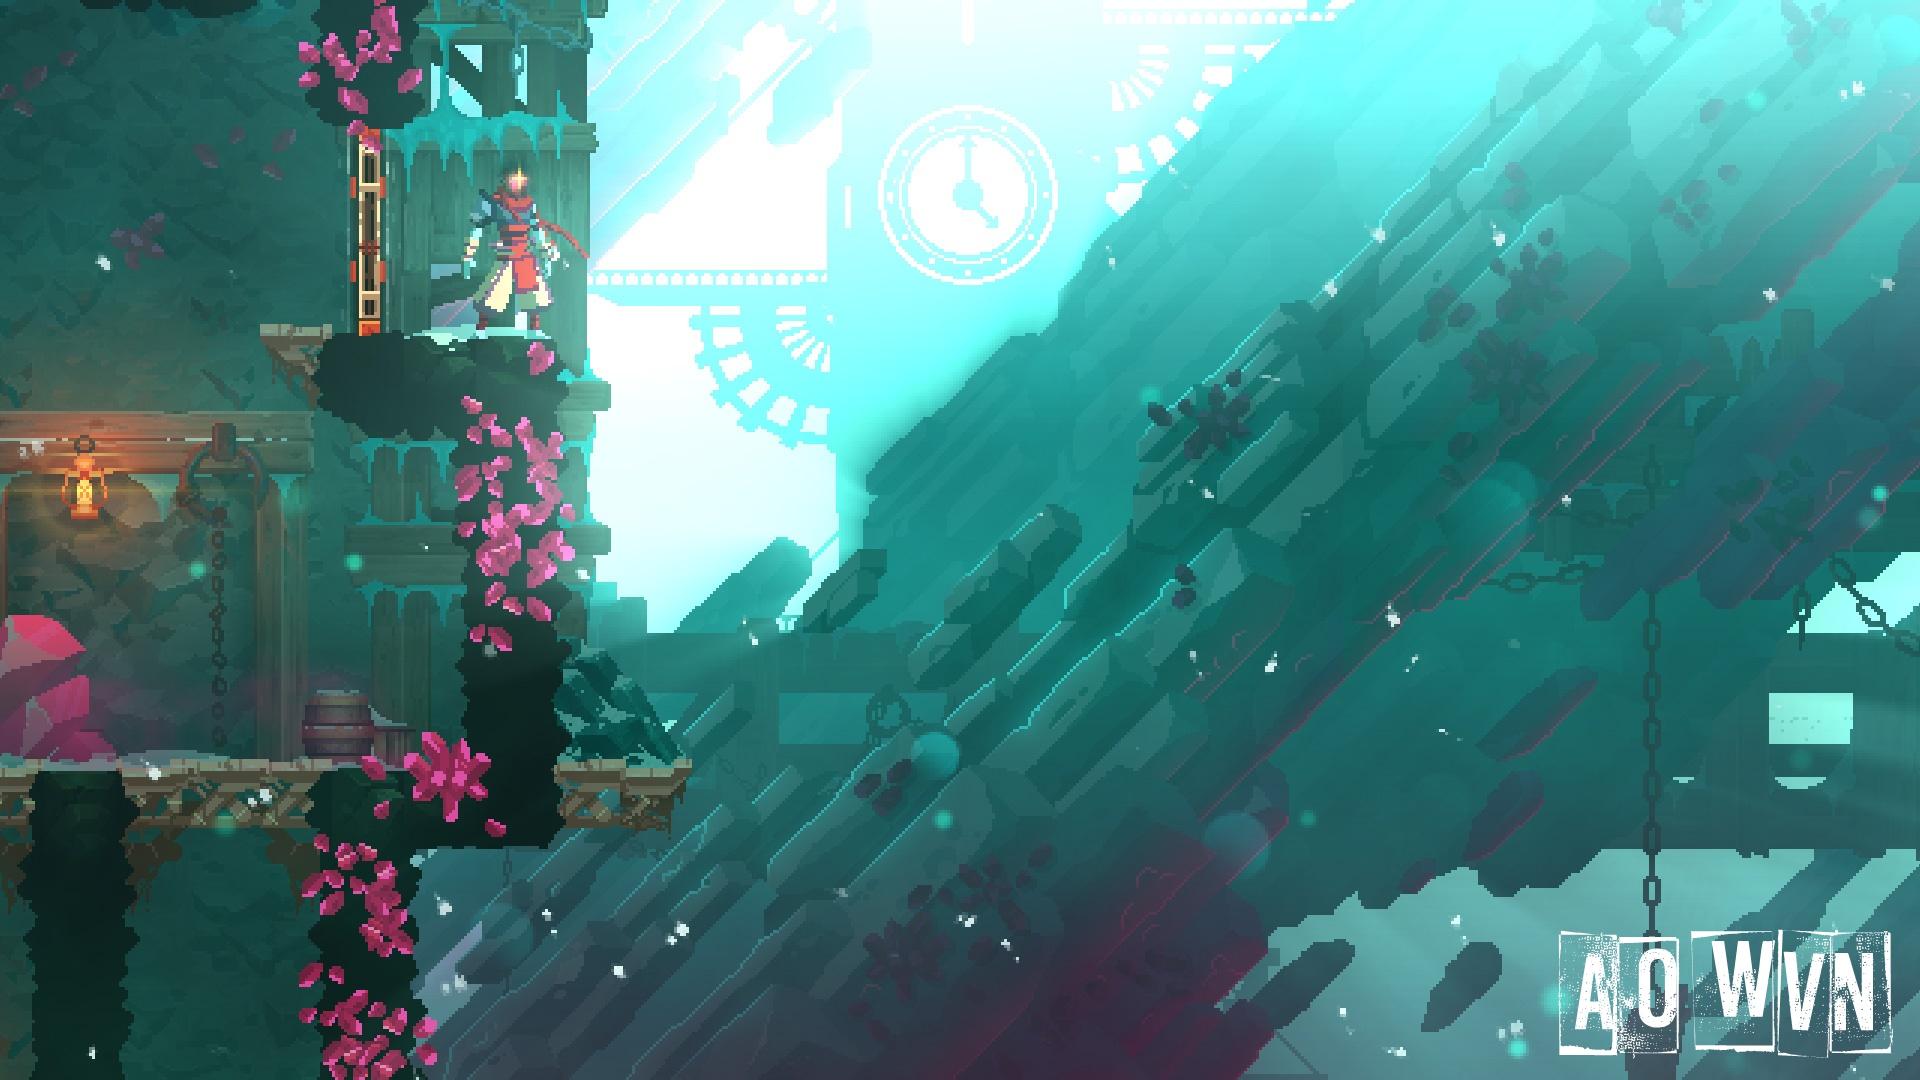 523735 dead cells update - [ HOT ] Game Dead Cells | PC - Khi cái chết không phải sự kết thúc